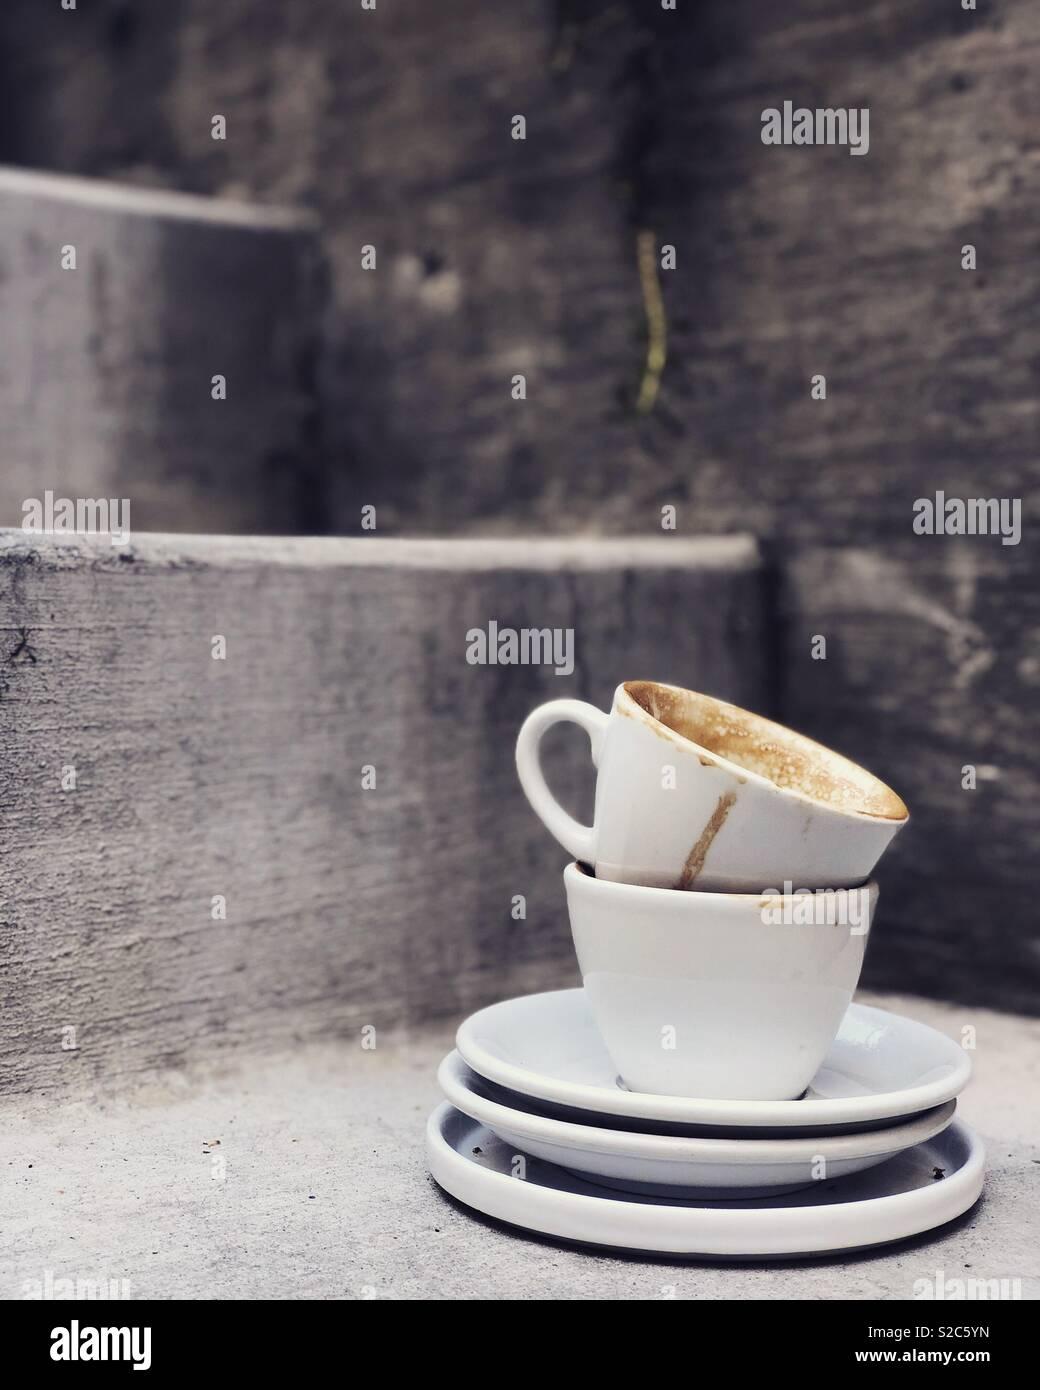 Svuotare le tazze di caffè Immagini Stock